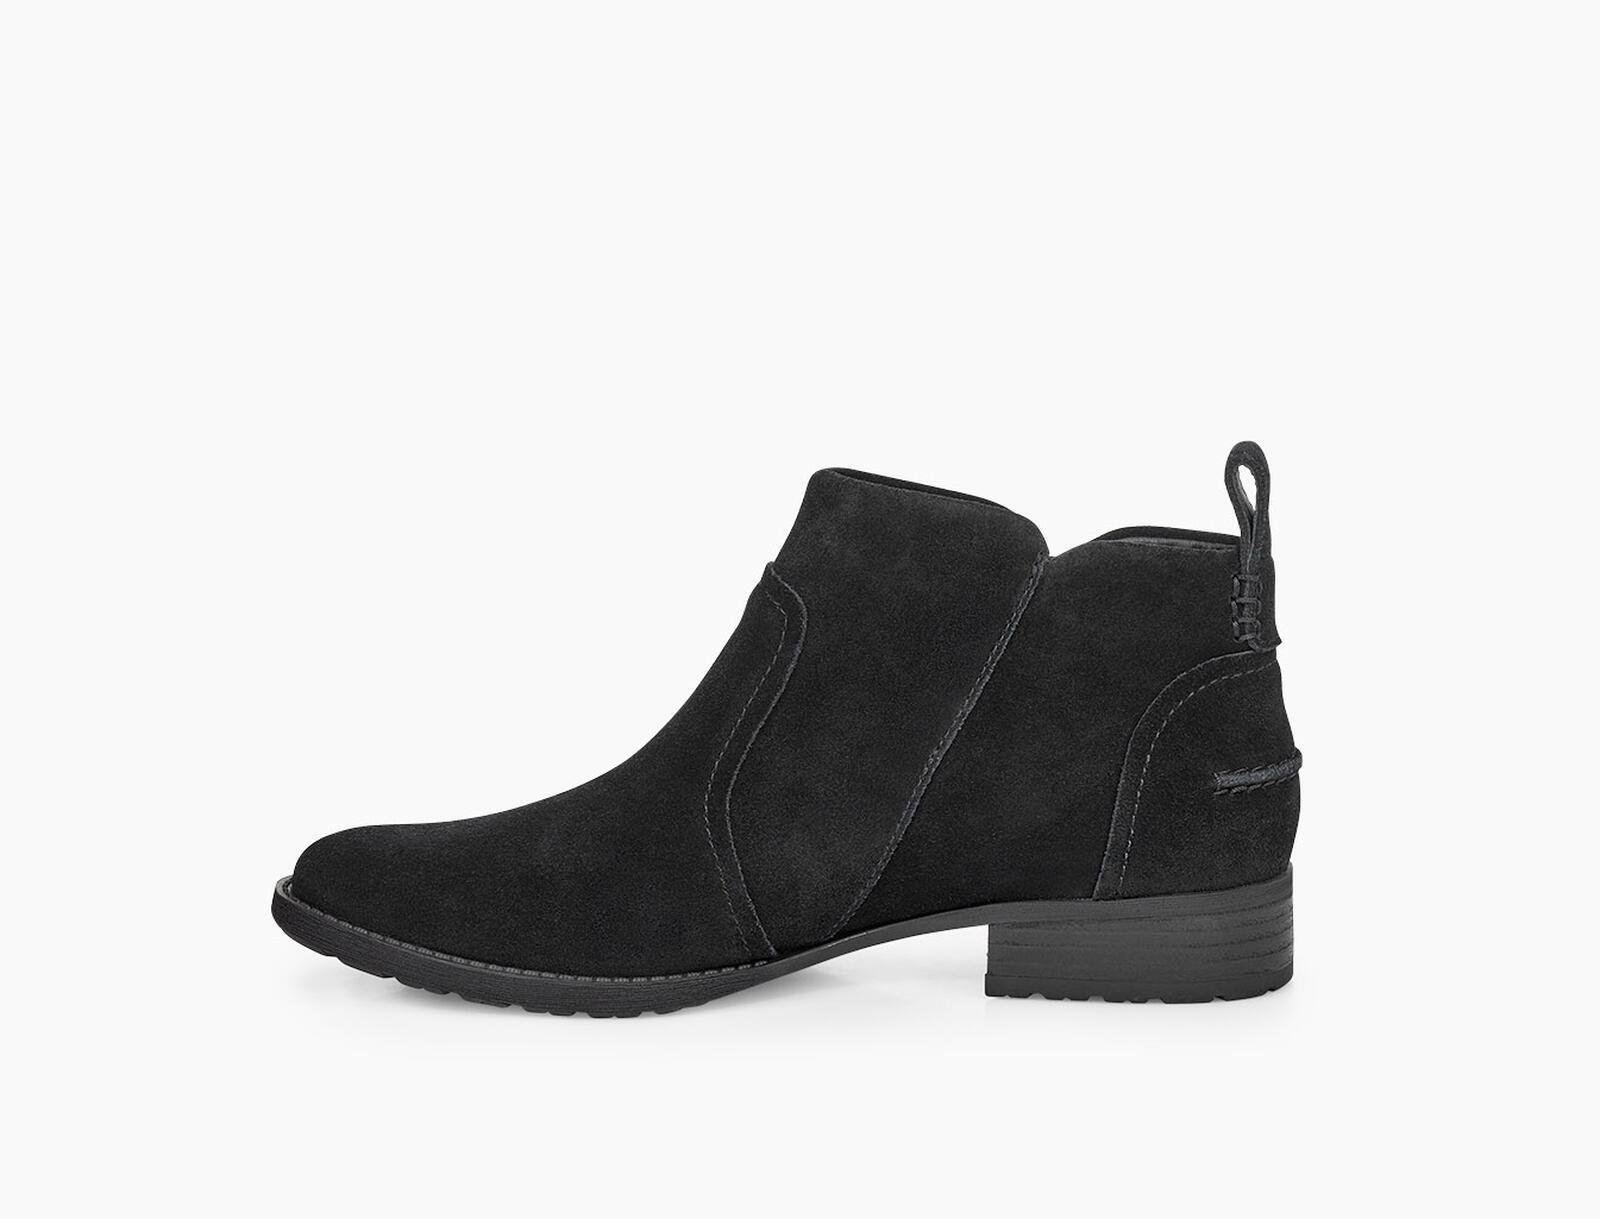 Ugg 174 Aureo Ii Ankle Boot For Women Ugg 174 Uk